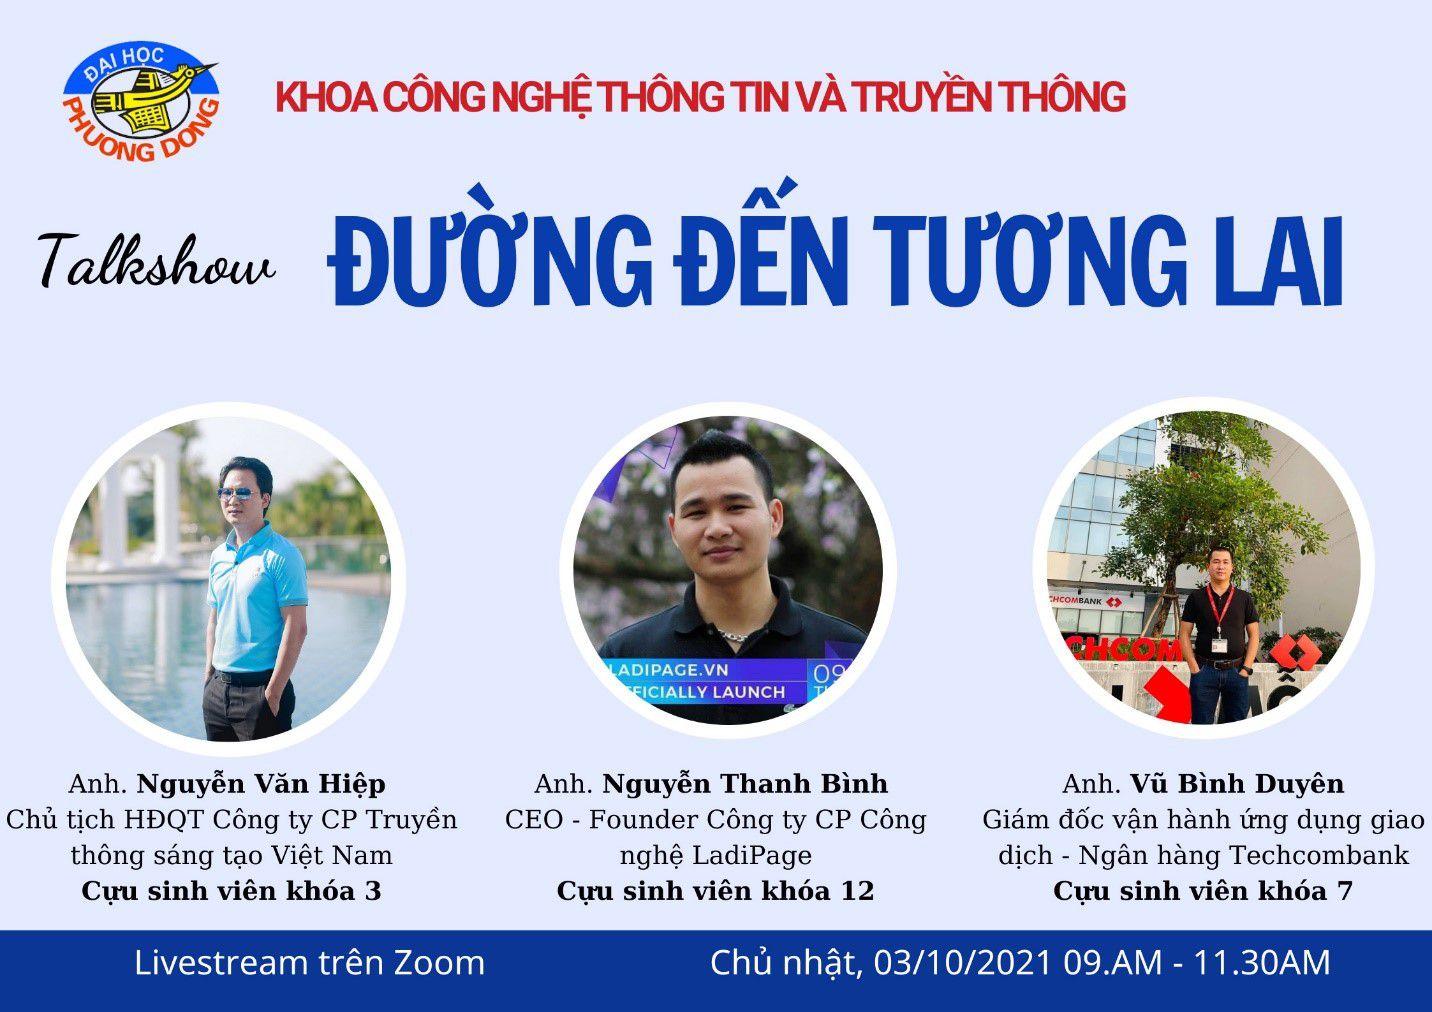 Chương trình gặp gỡ cựu sinh viên thành đạt - Khoa CNTT&TT